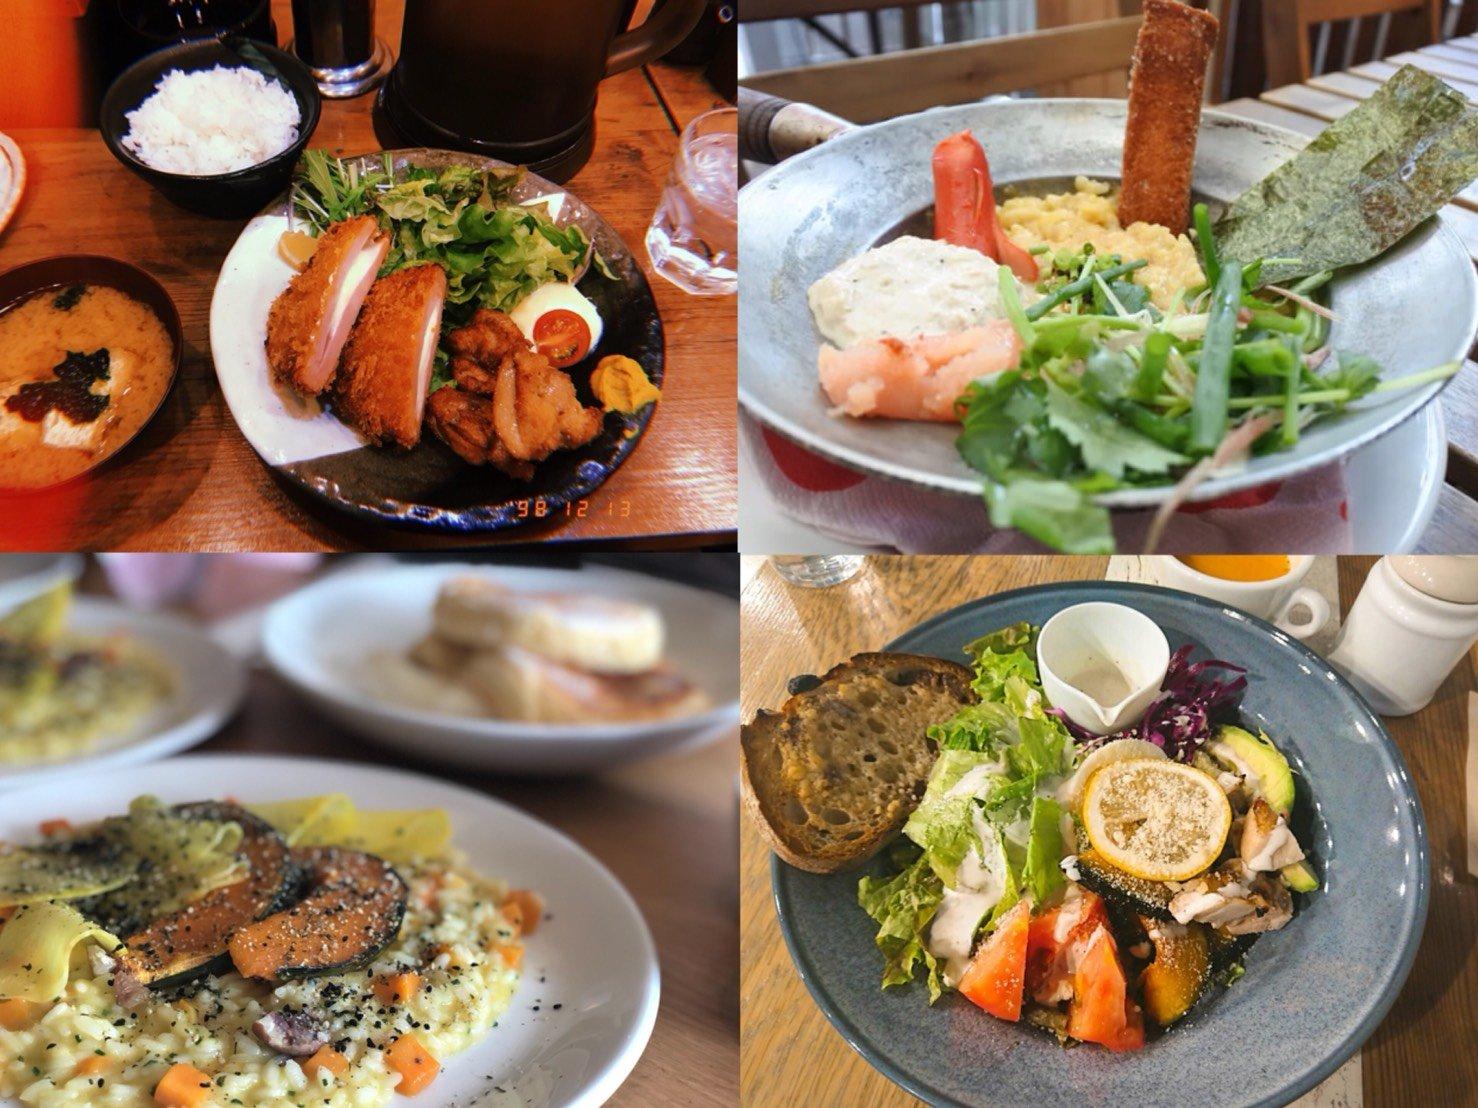 MOSHI MOSHI BOX觀光服務處推薦的原宿午餐清單(part1) MOSHIMOSHIBOX、午餐、咖啡廳、在原宿、